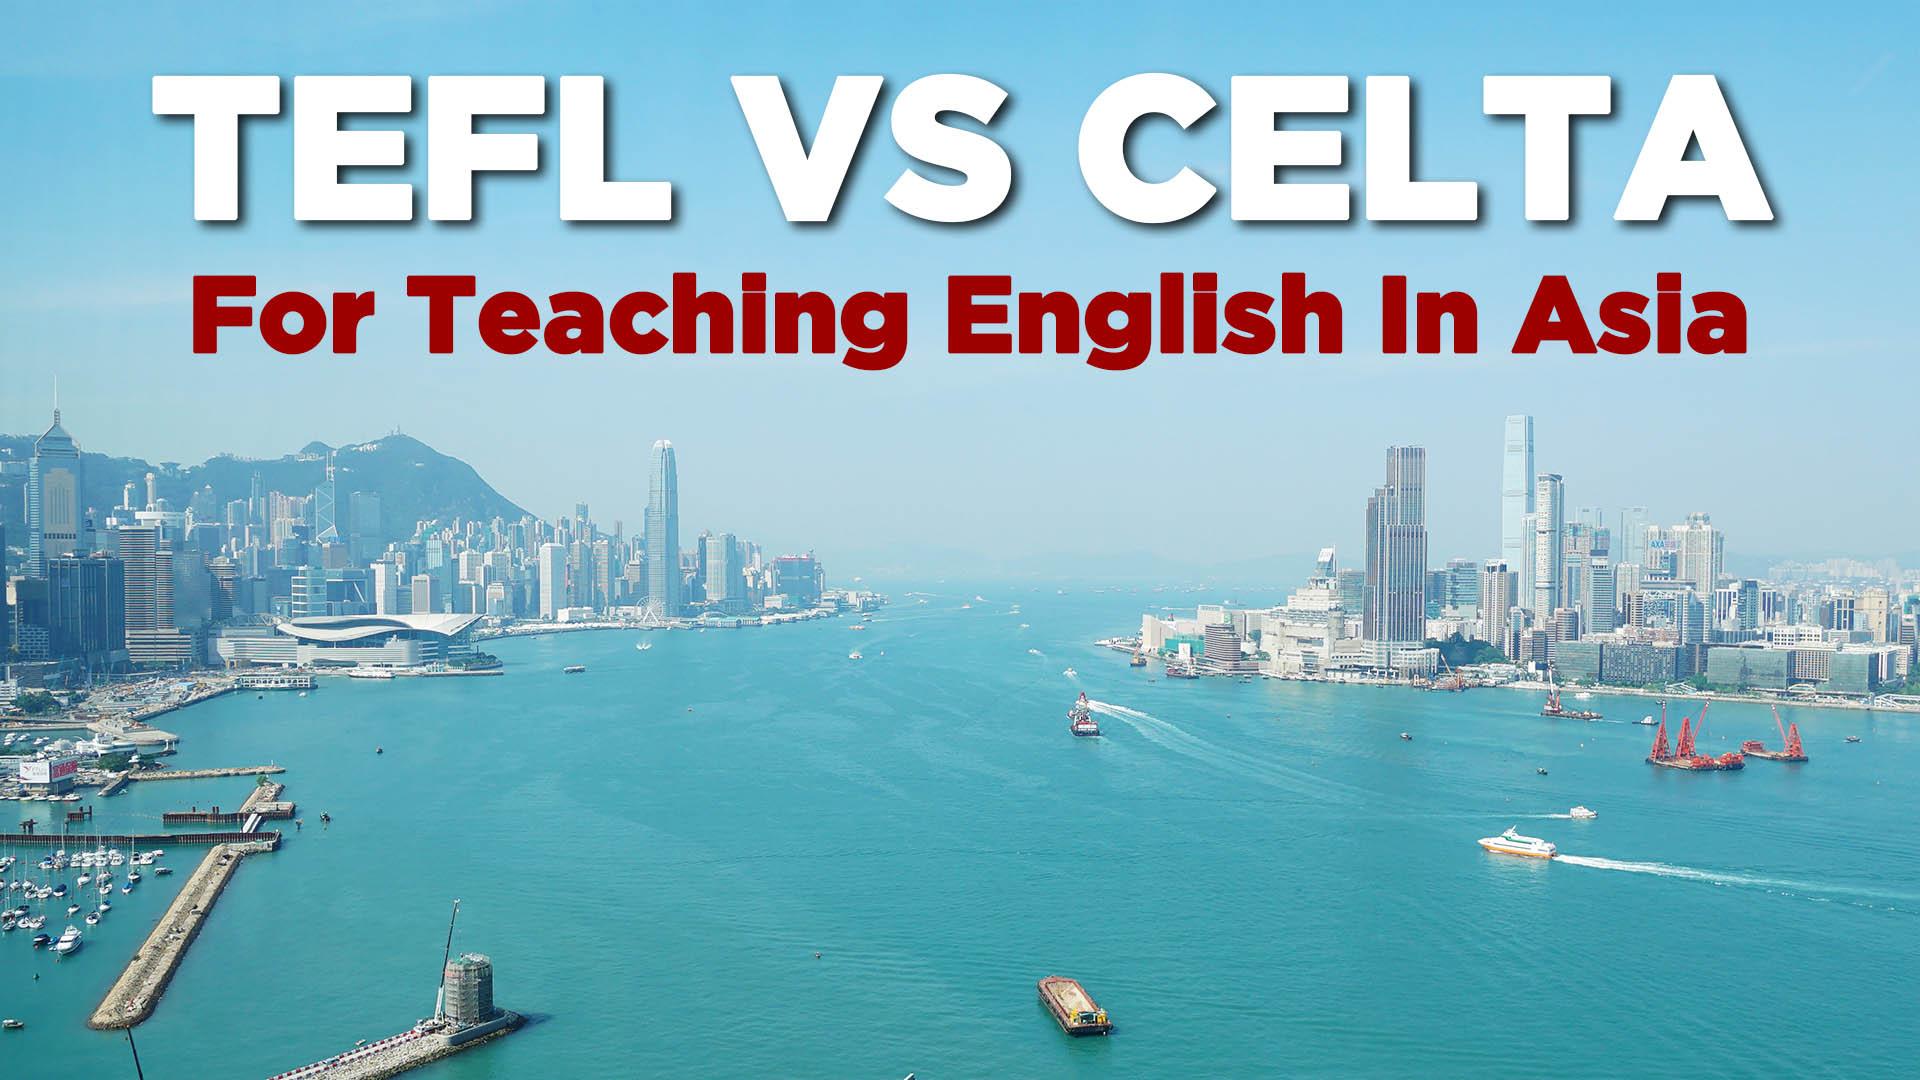 Tefl vs celta certification for teaching english in asia teach tefl vs celta certification for teaching english in asia 1betcityfo Images